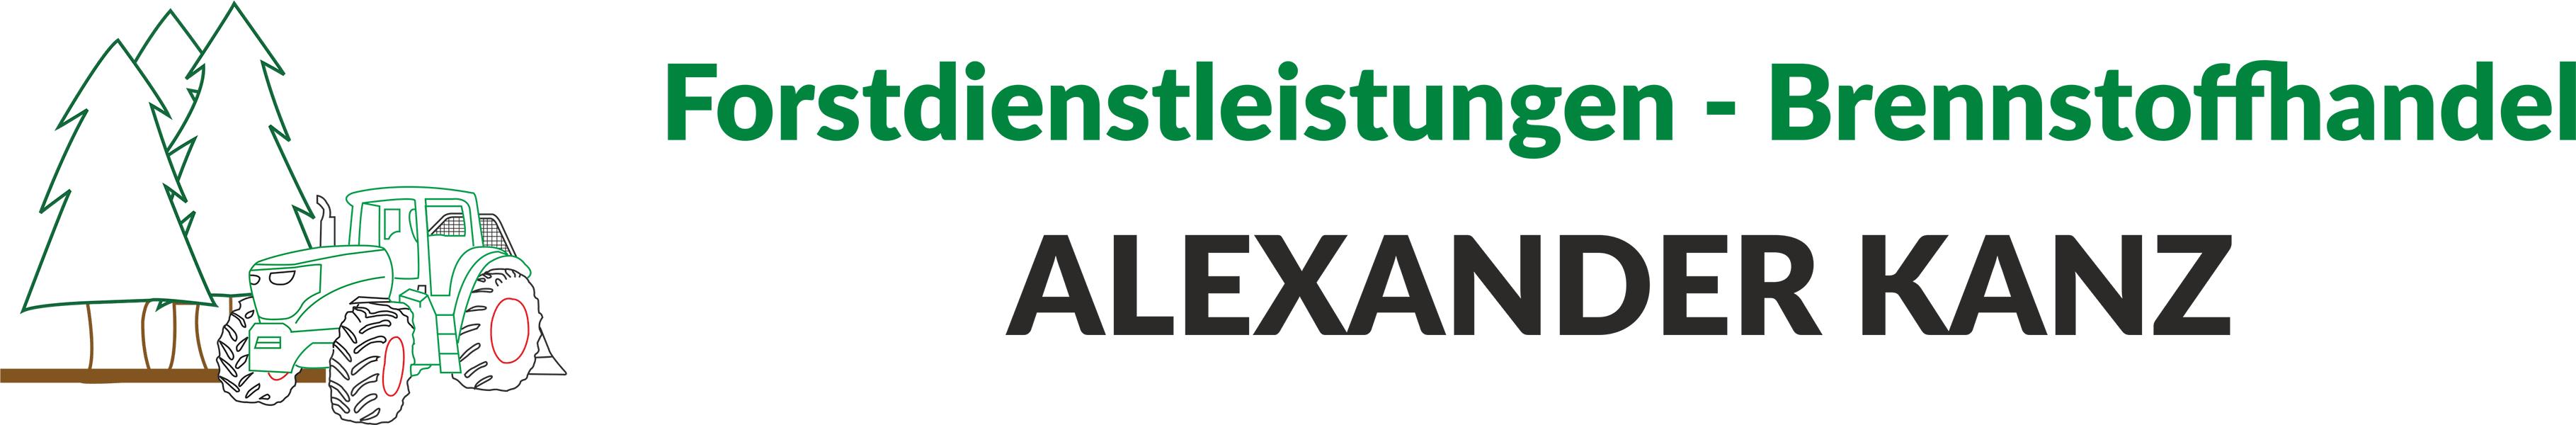 Forstdienstleistungen & Brennstoffhandel Alexander Kanz